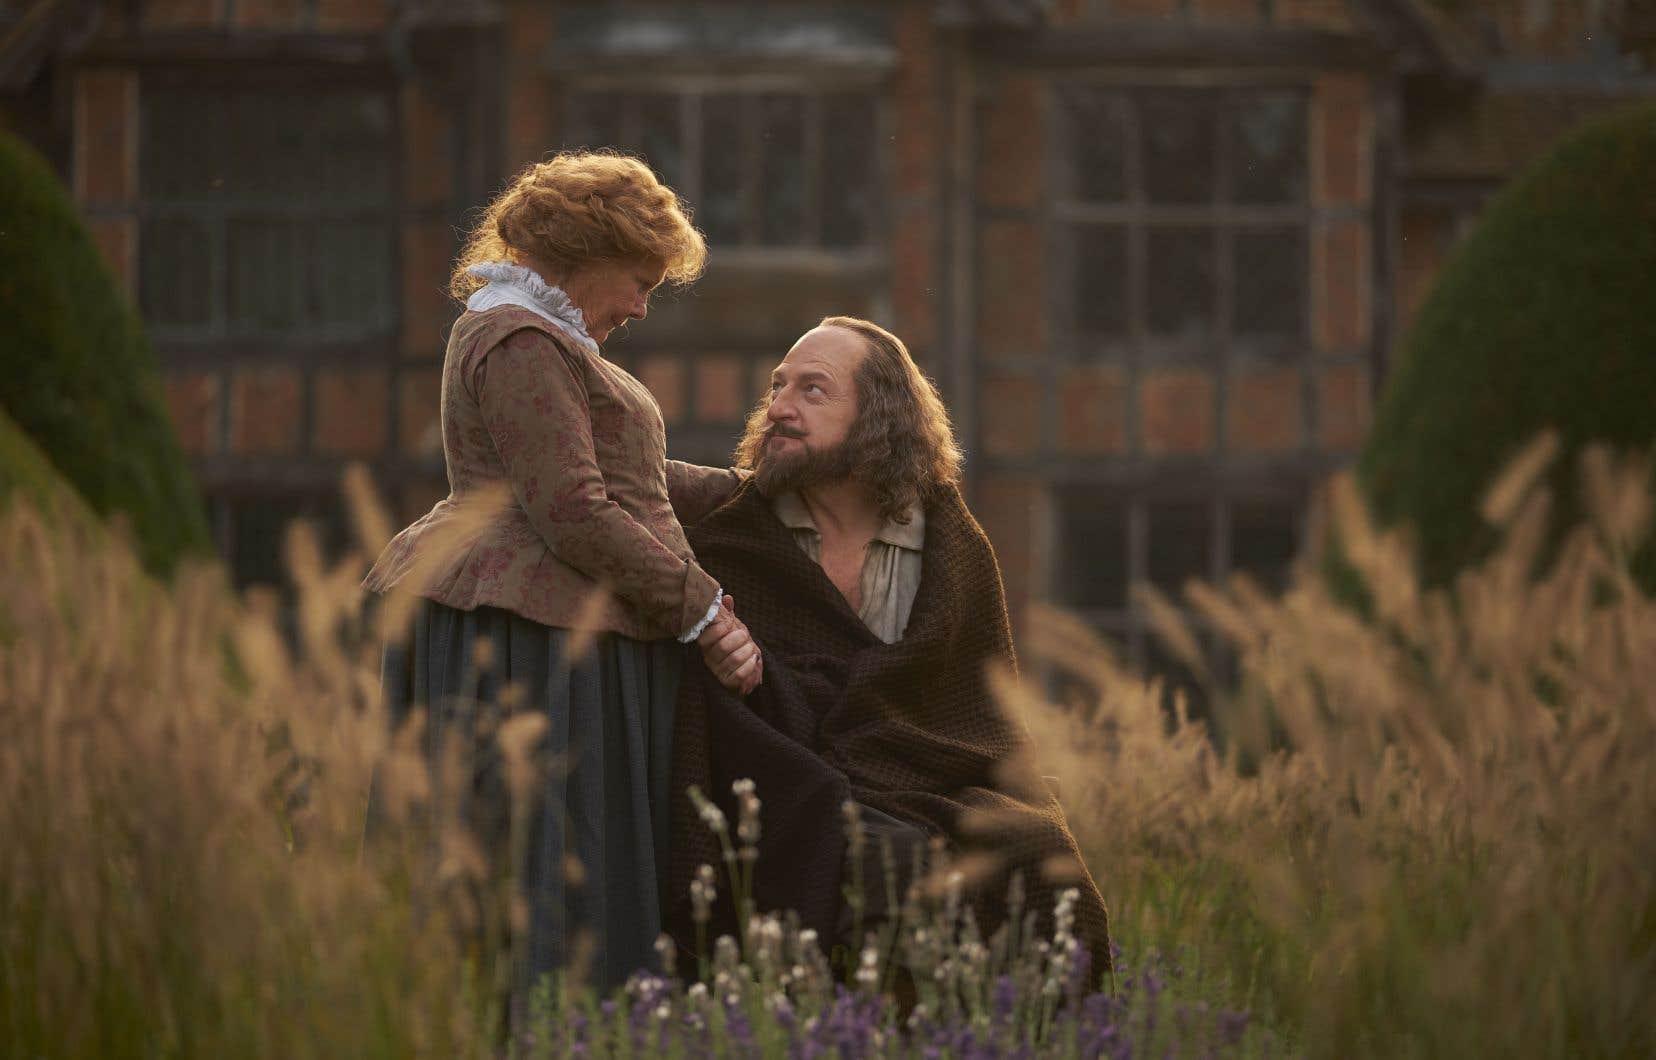 Judi Dench tient le rôle d'Anne Hataway, l'épouse de Shakespeare, interprété par Kenneth Branagh.